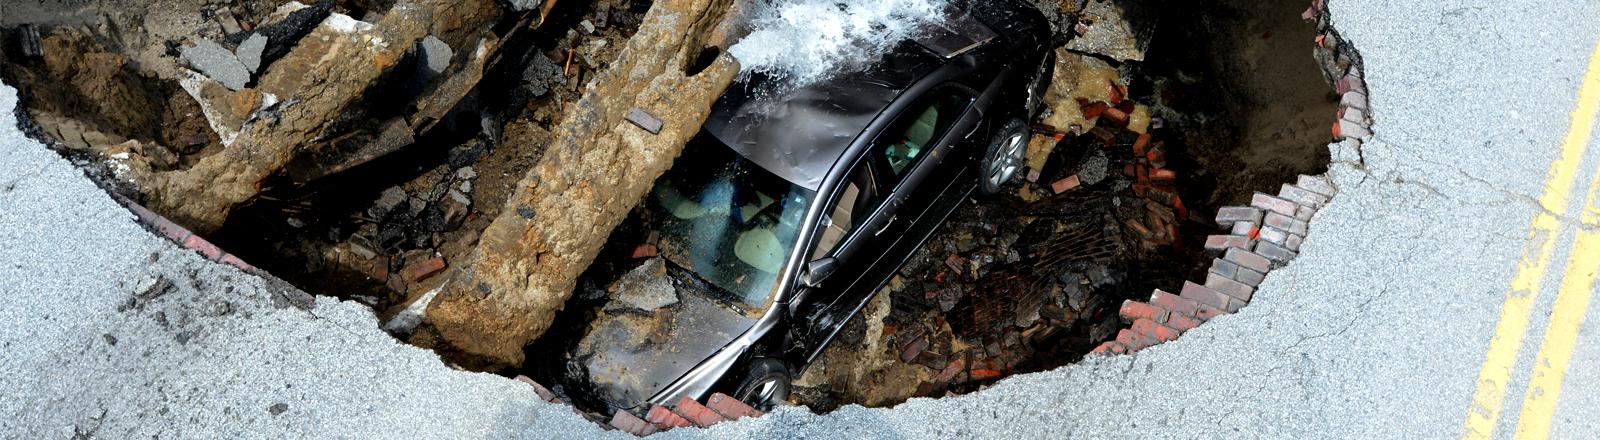 In einer Straße ist ein tiefes Loch, darin sieht man ein Auto und Leitungen und Kabel, aus einer der Leitungen sprudelt Wasser.